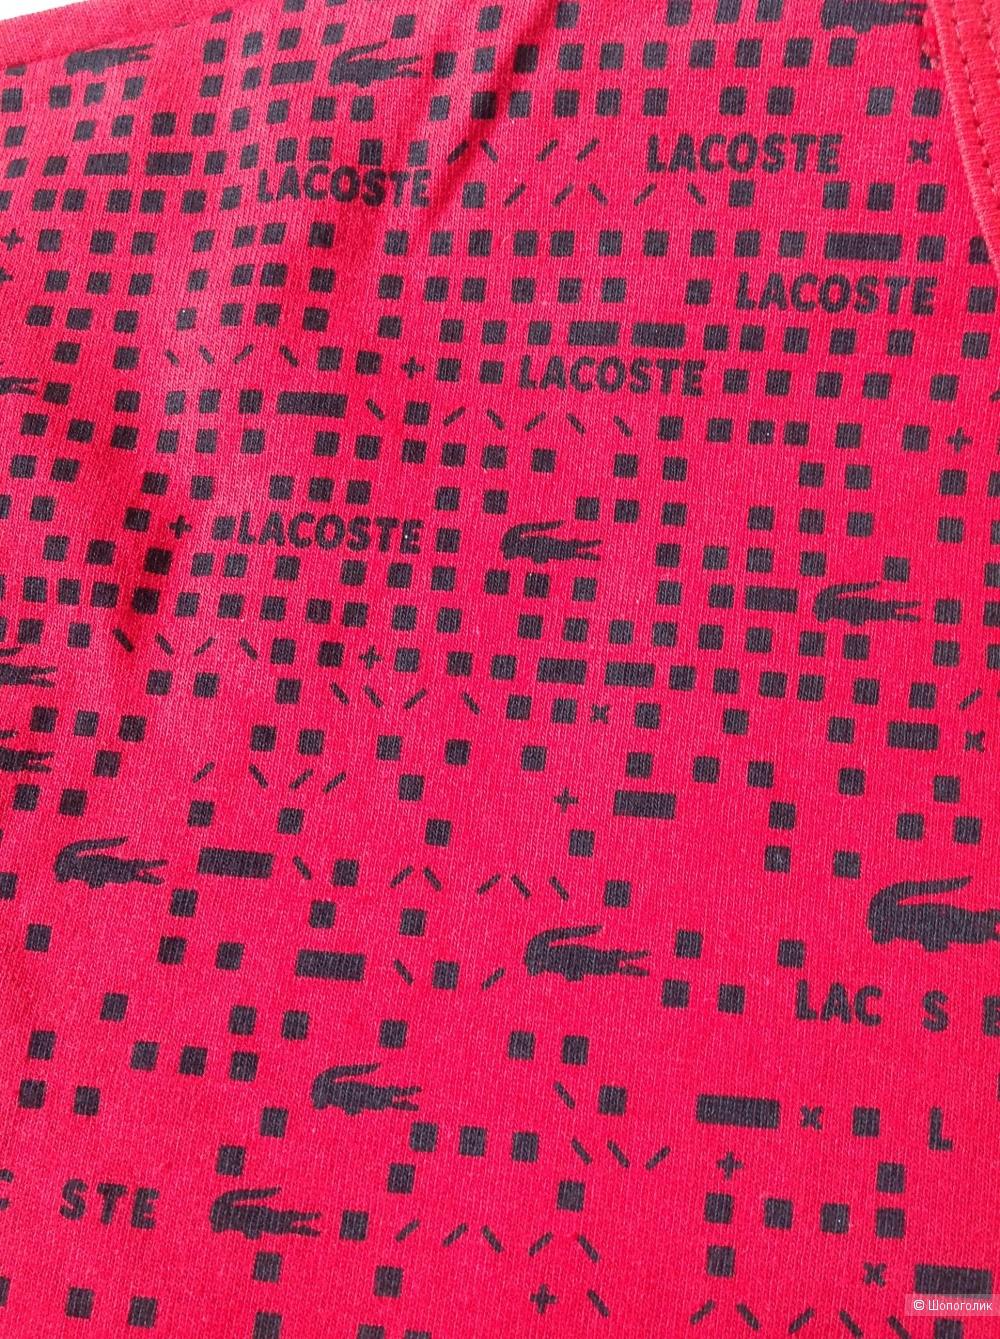 Футболка Lacoste, размер XXL, на 50-52-54